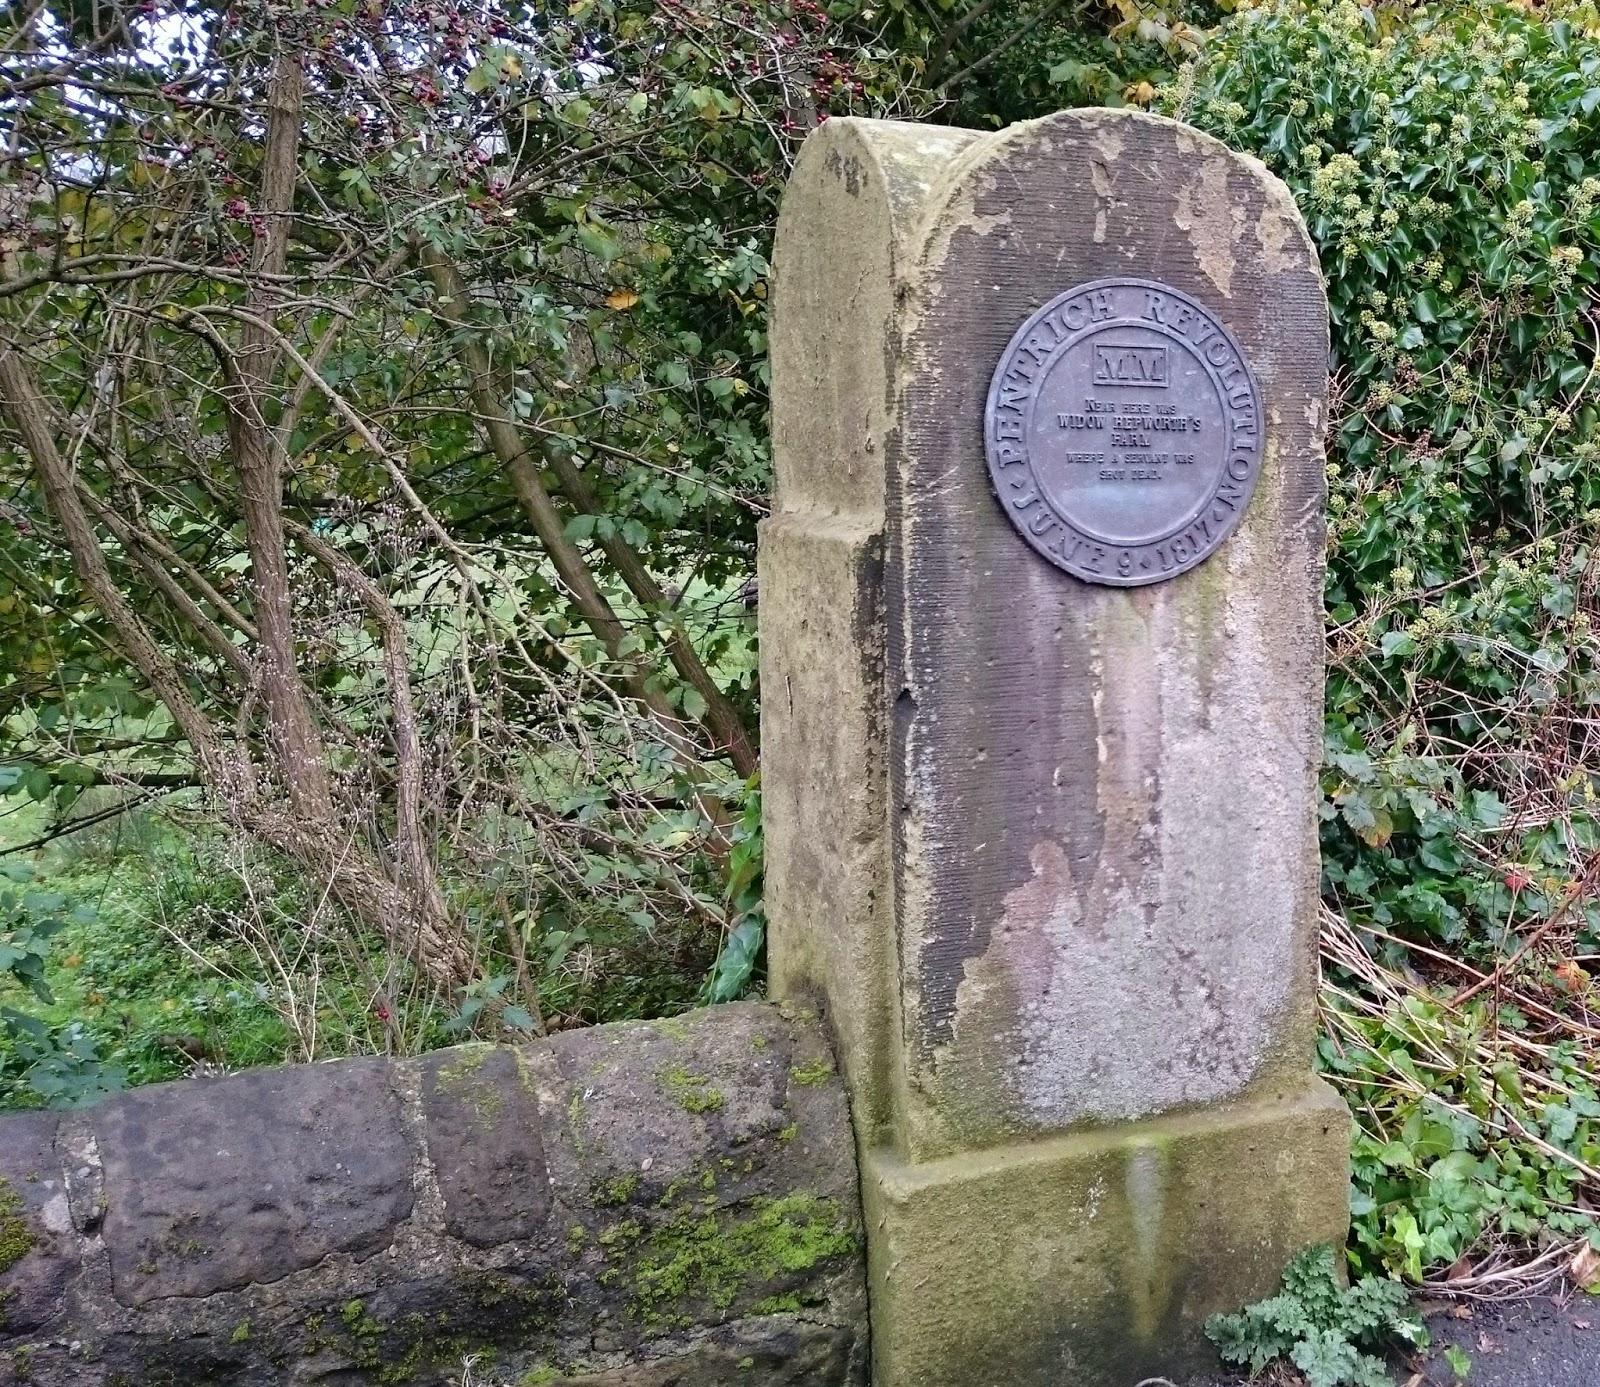 Pentrich plaque